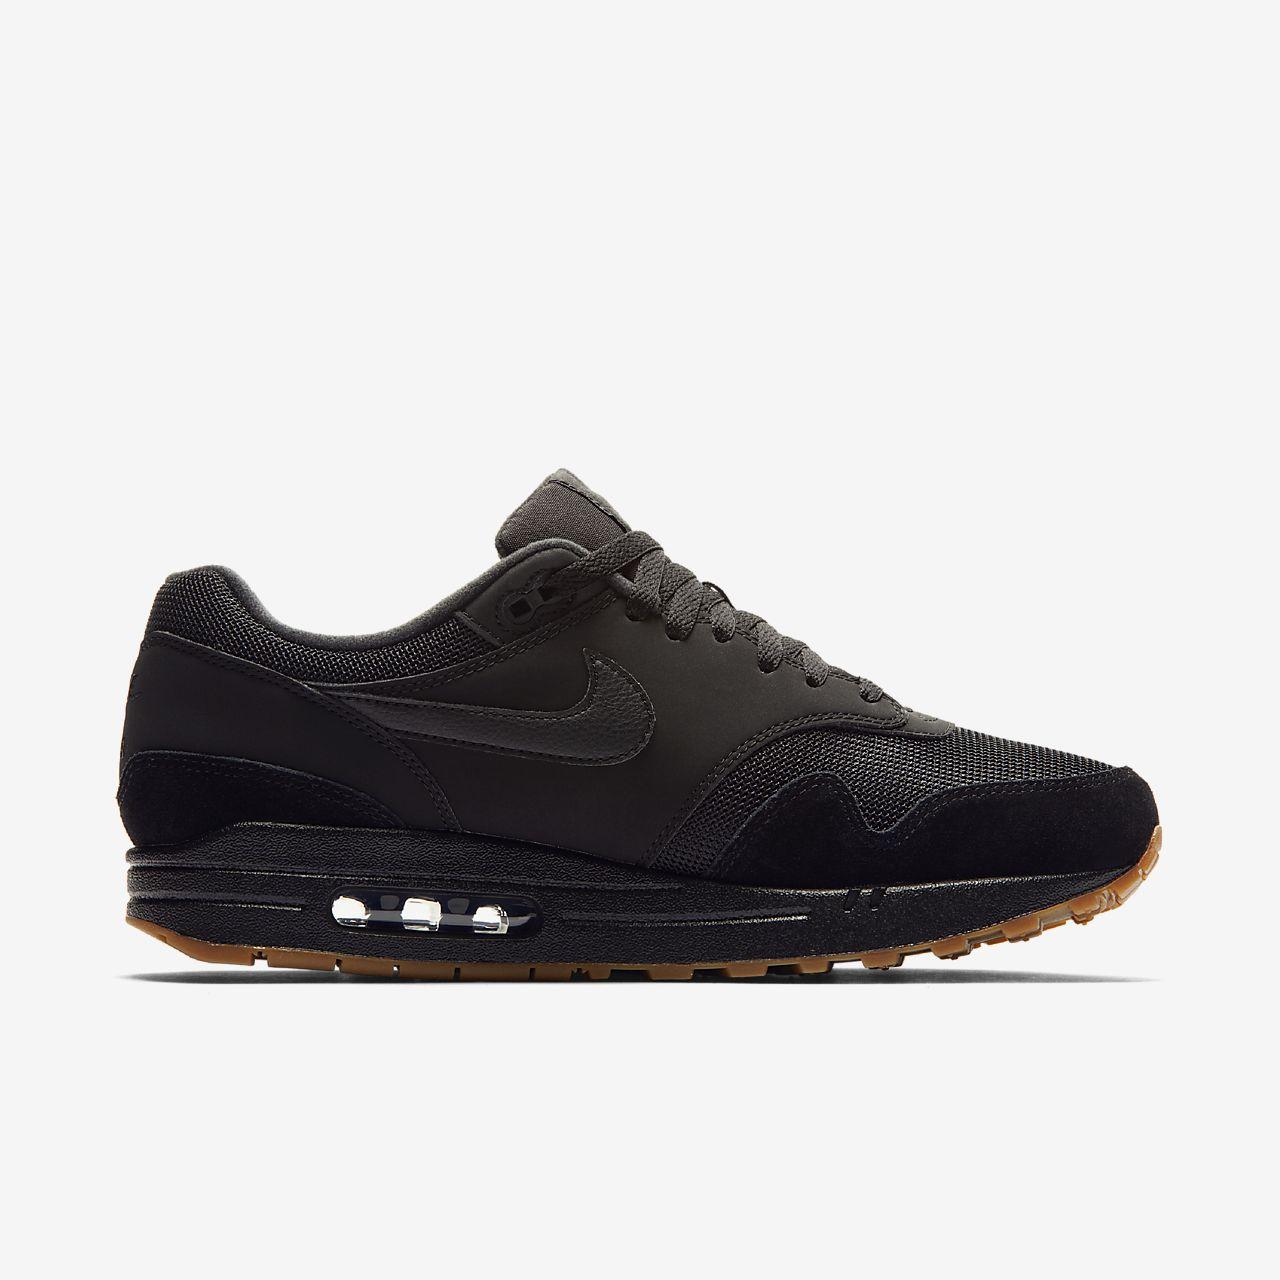 scarpa nike air max 1 neronerogum medium brownnero ah8145 007